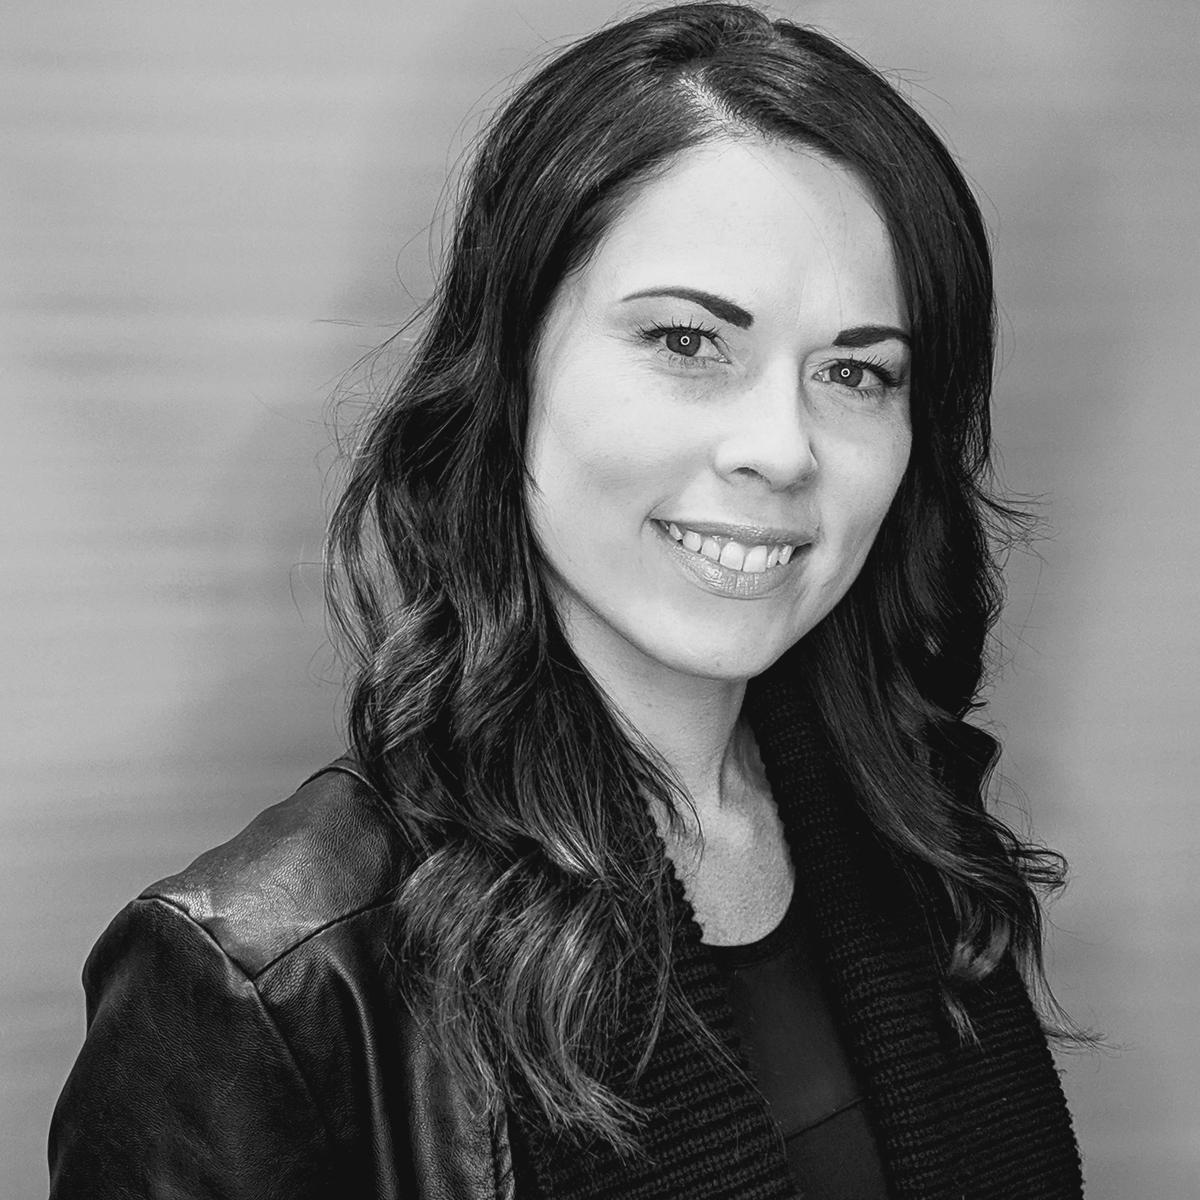 Stylist Michelle Hairstyle Inn Saskatoon